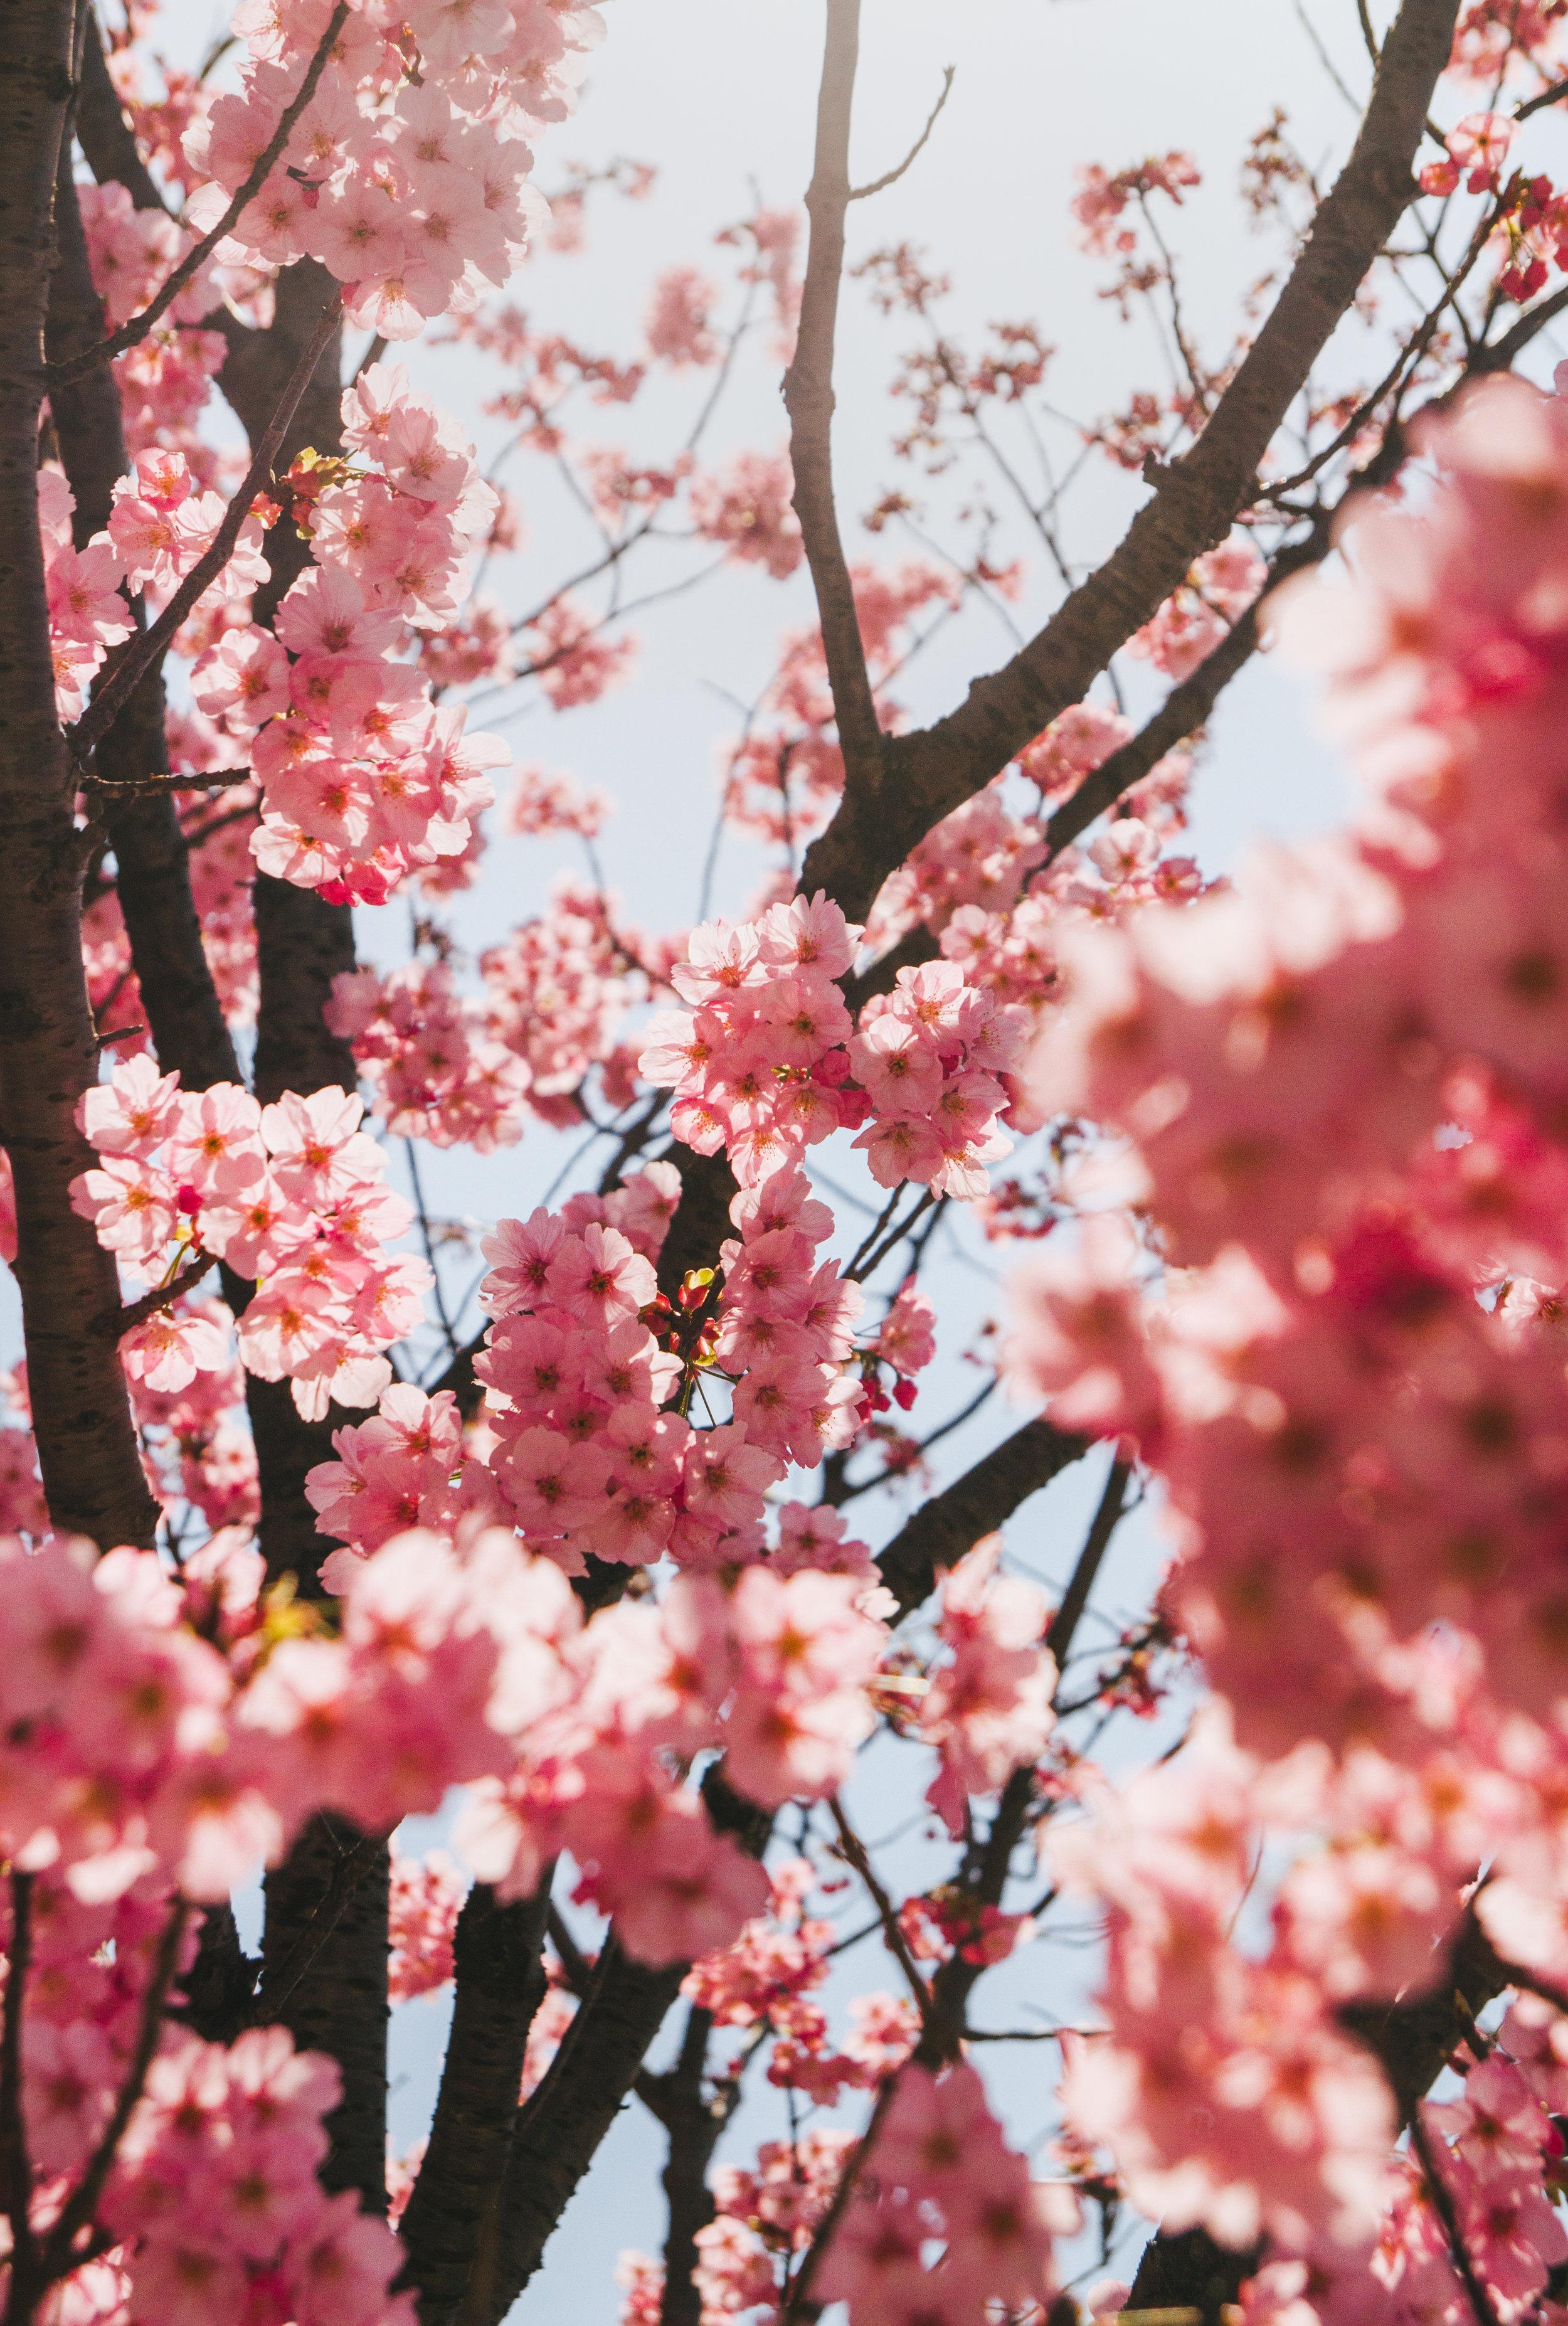 Cherry blossoms | Kitakyushu | 2018